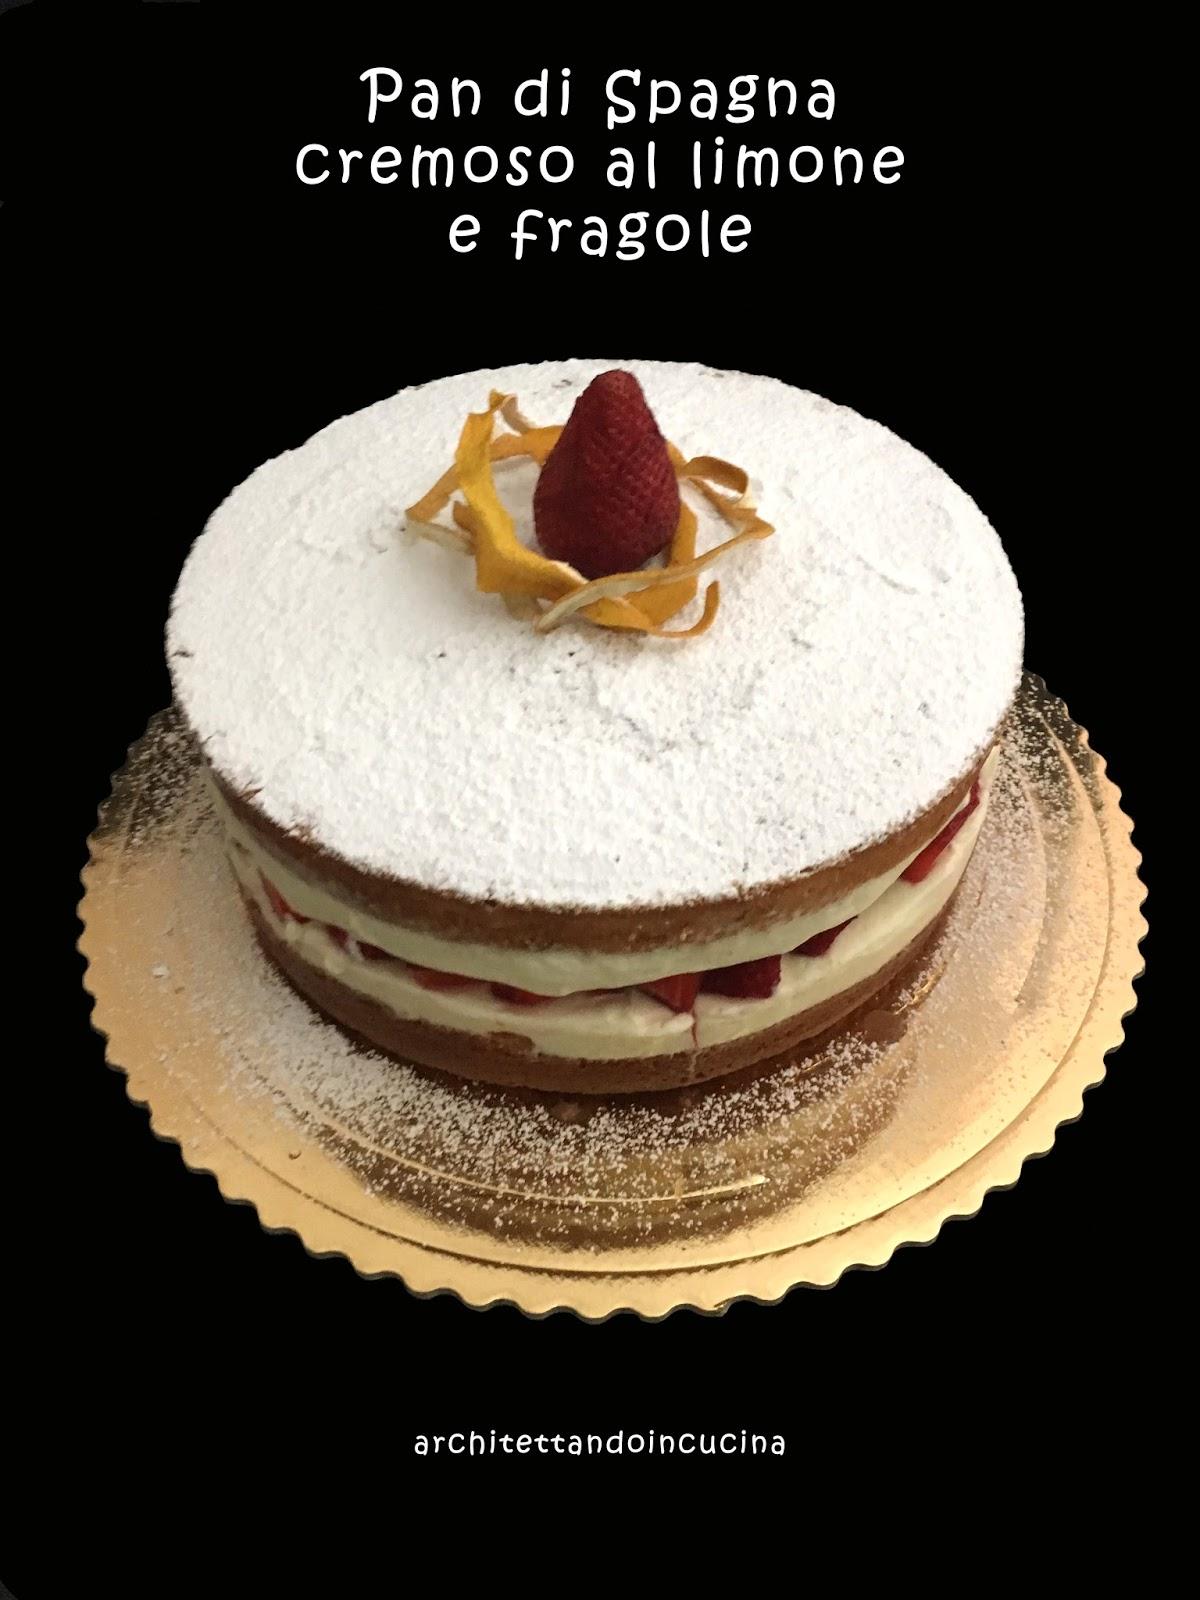 architettando in cucina: Pan di Spagna montato a freddo di Iginio ...